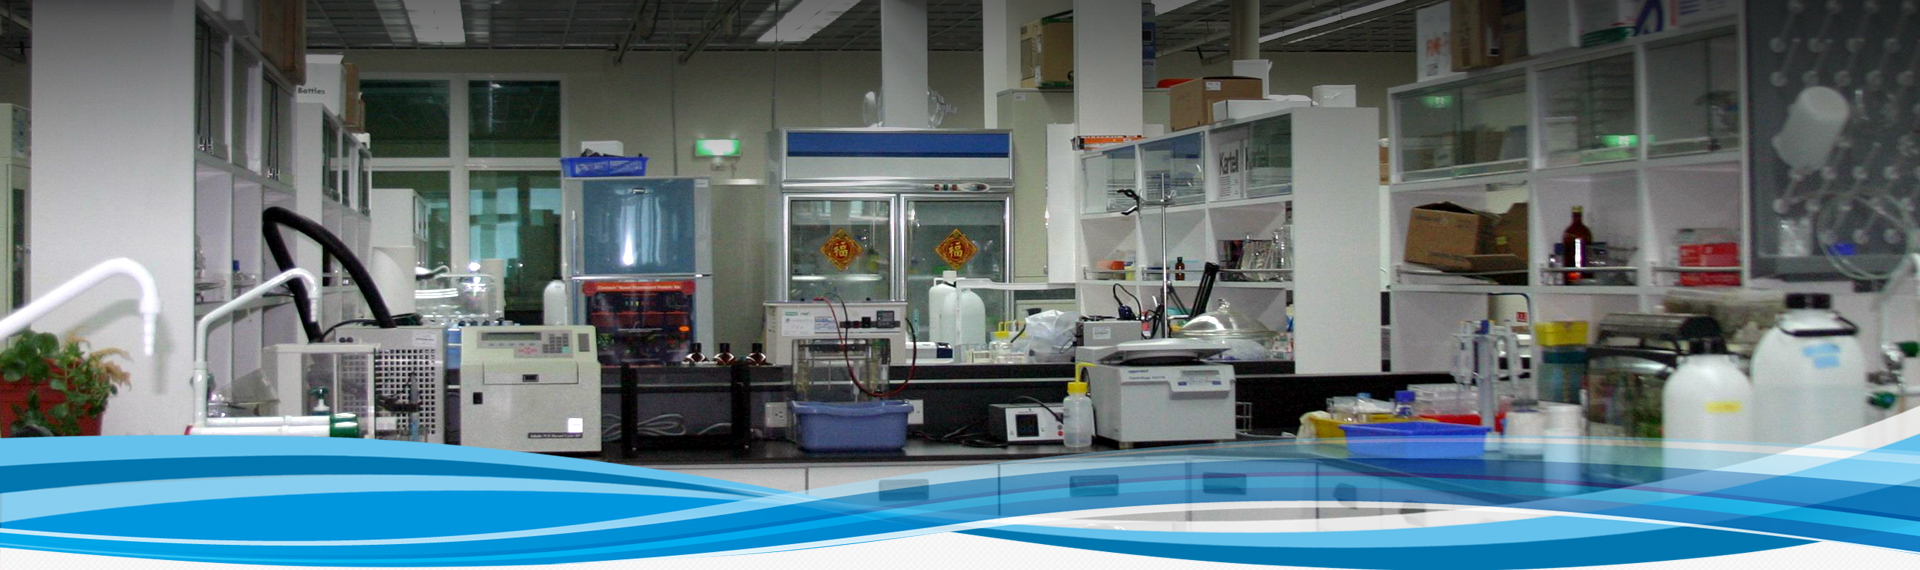 國立海洋生物博物館-收容中心